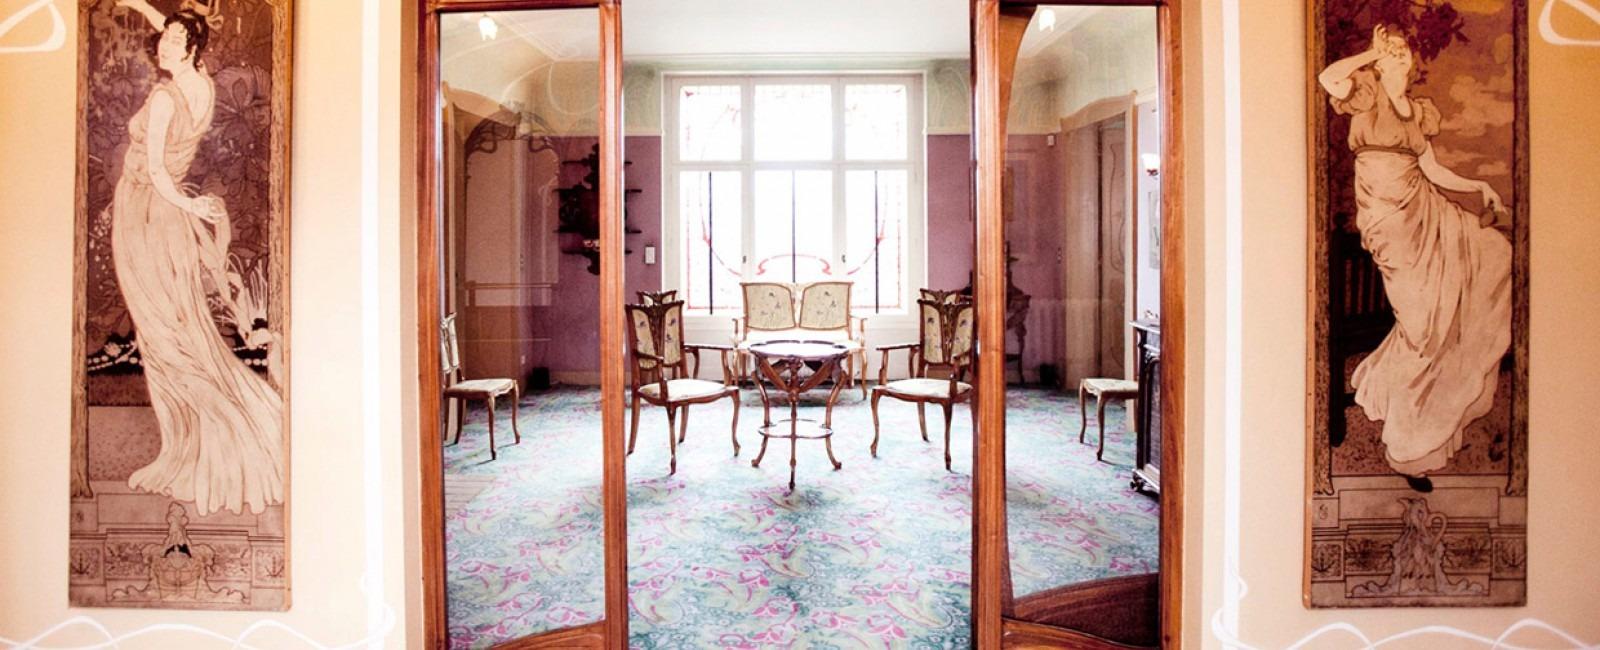 La Maison Belle Époque, una experiencia.